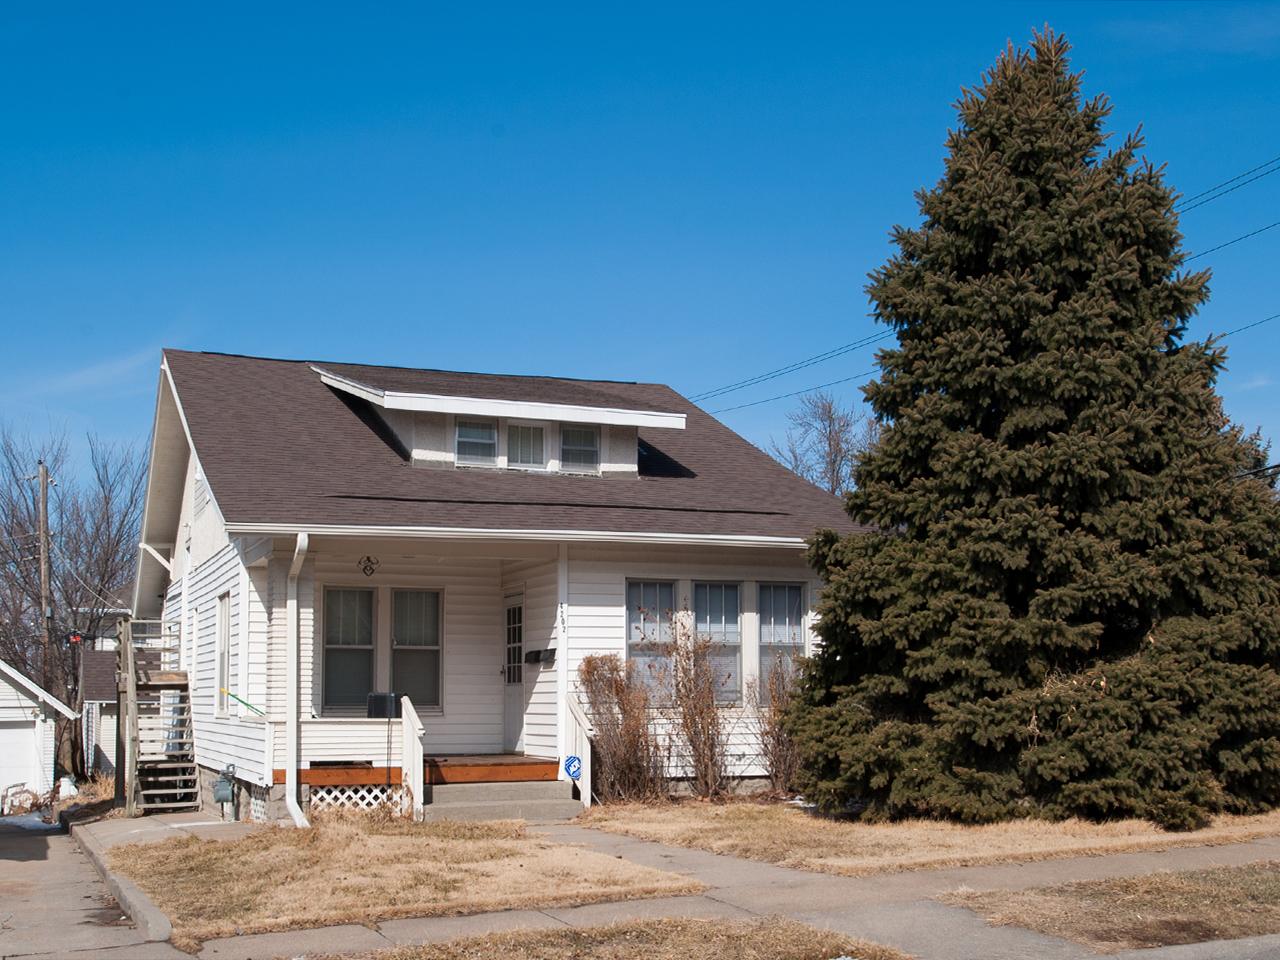 4202 Barker Ave #2 Image